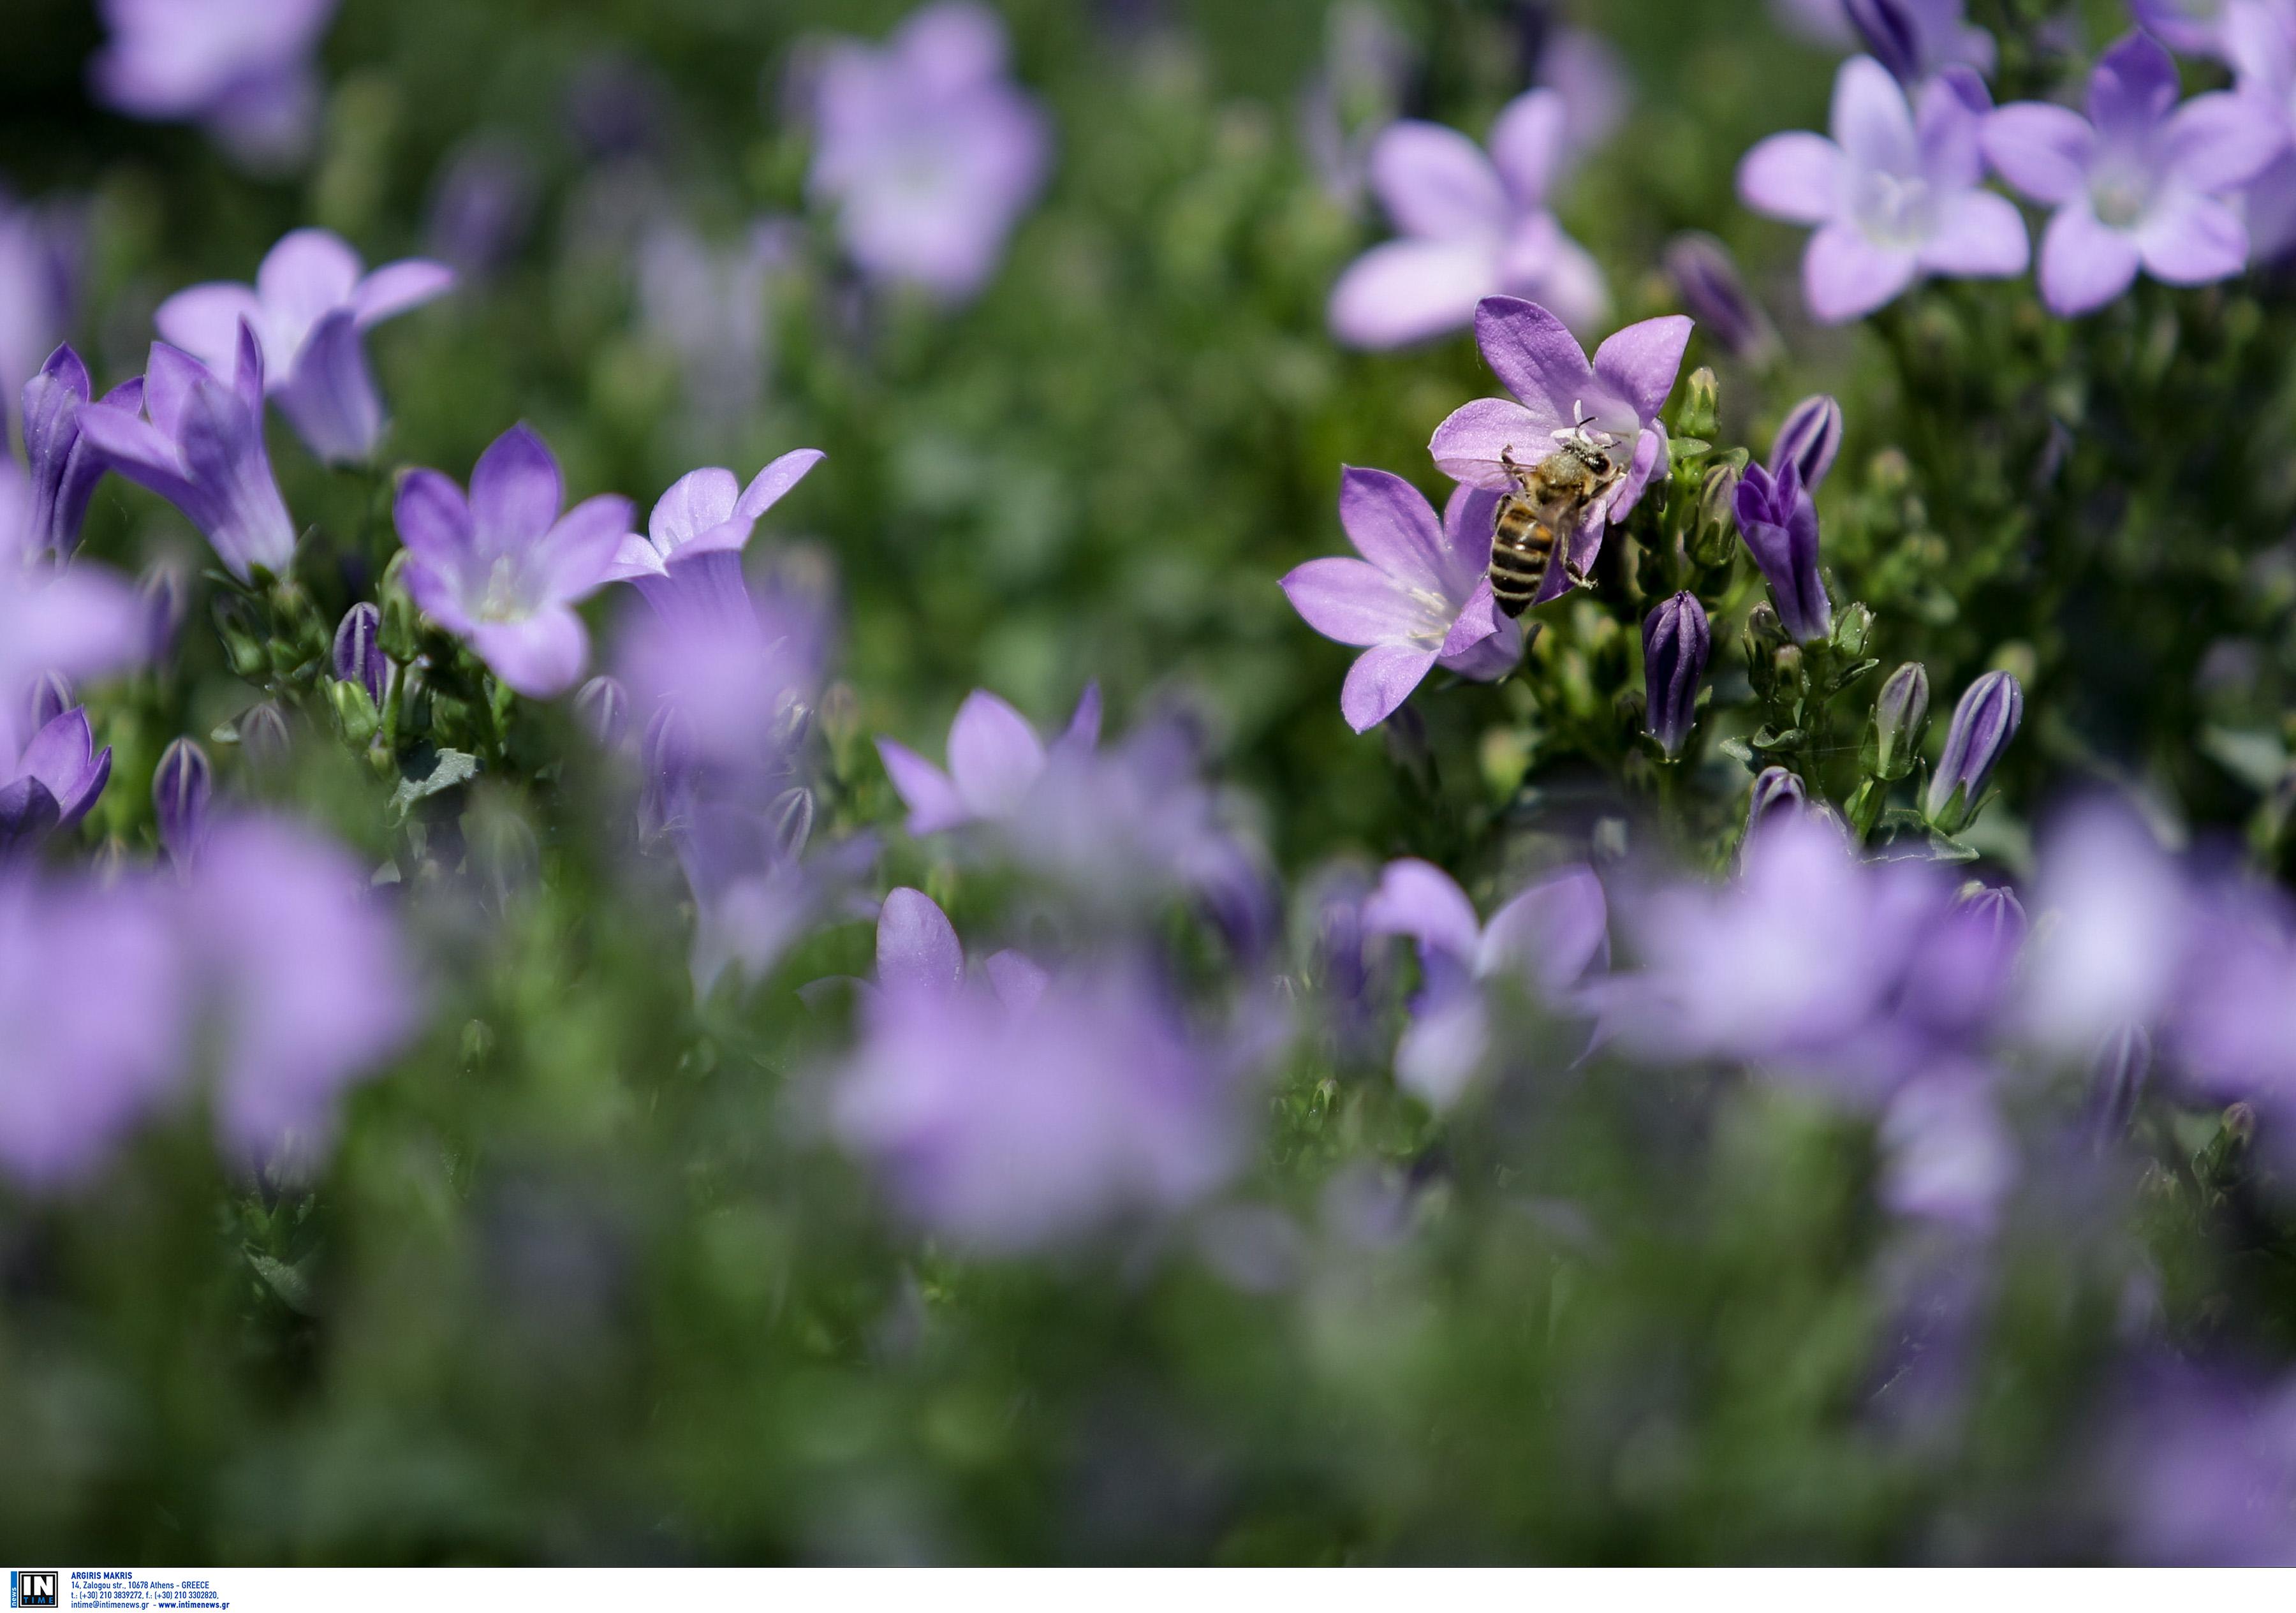 Τα φυτά στο σπίτι βελτιώνουν την ψυχική κατάσταση στη διάρκεια του lockdown